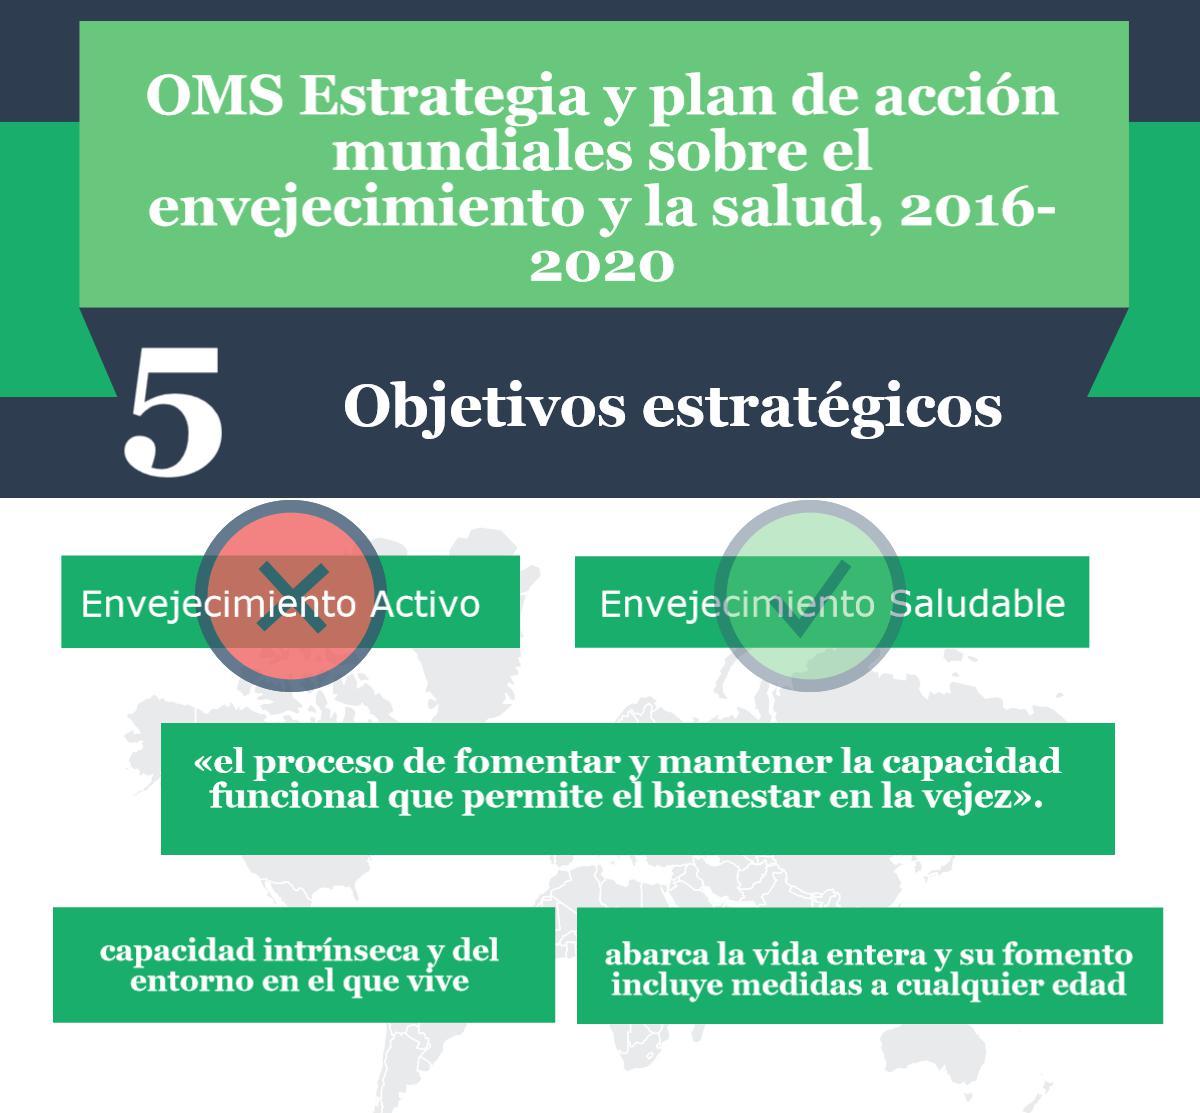 5 objetivos estrategicos OMS envejecimiento